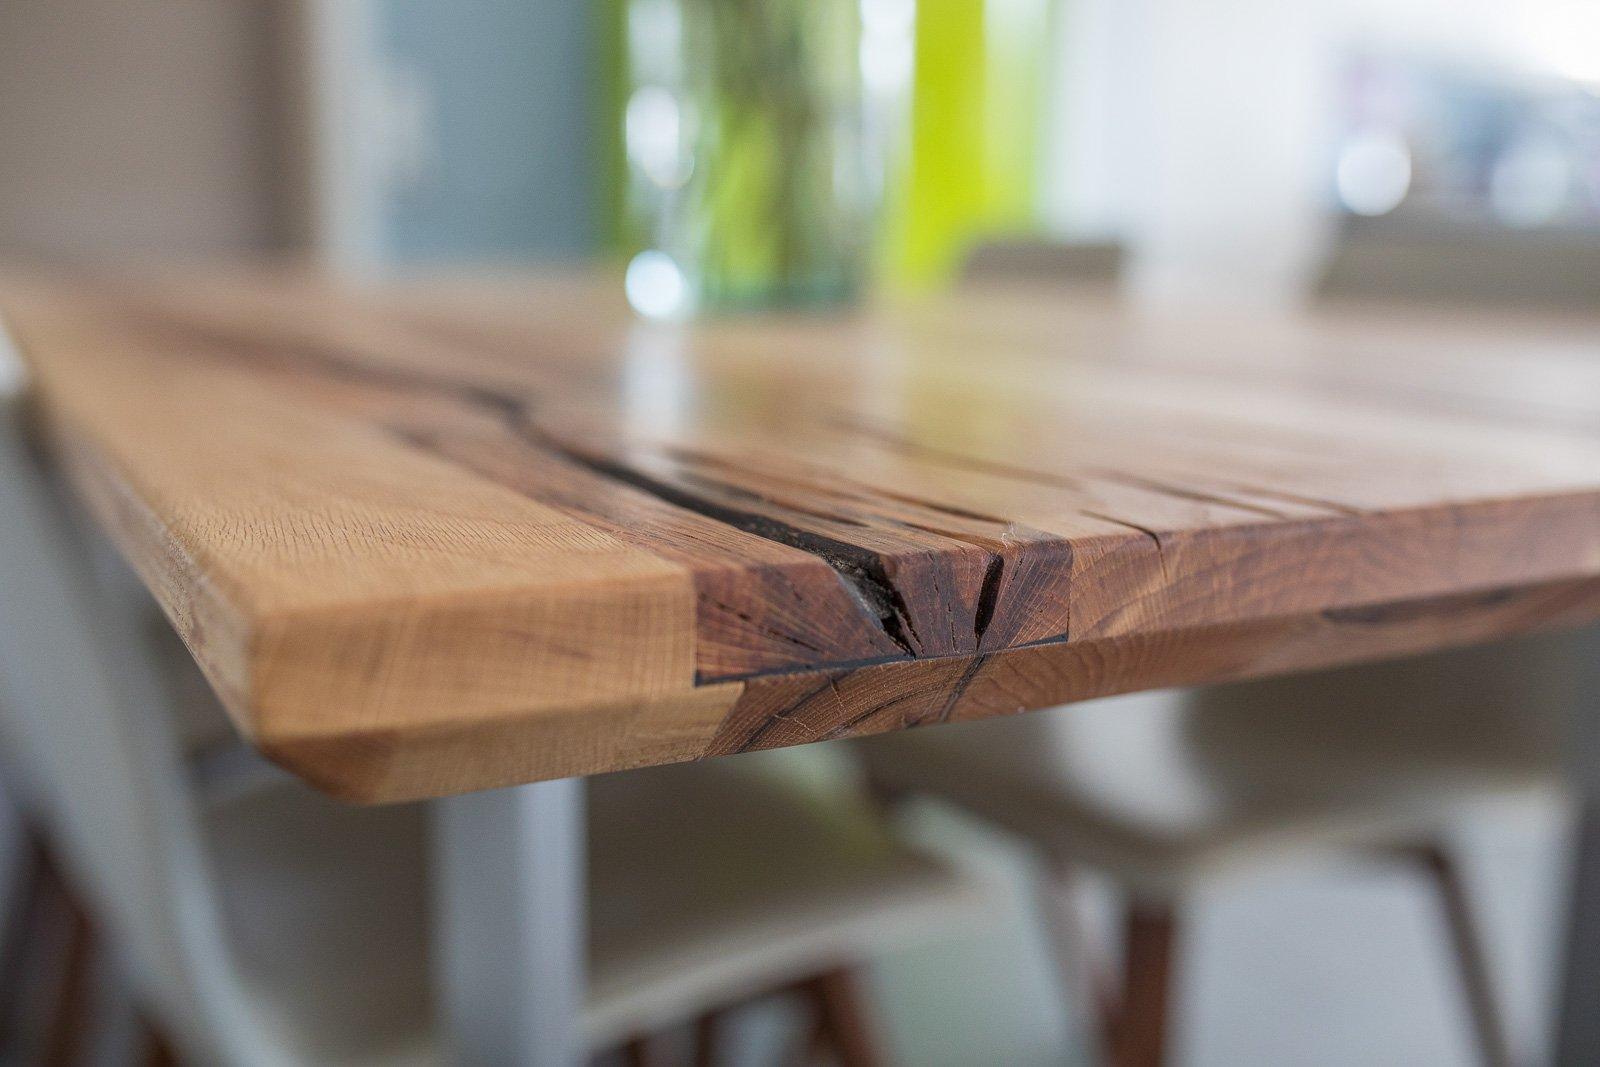 Esstisch mit sthlen otto esstisch bei otto massivholz for Tisch otto versand